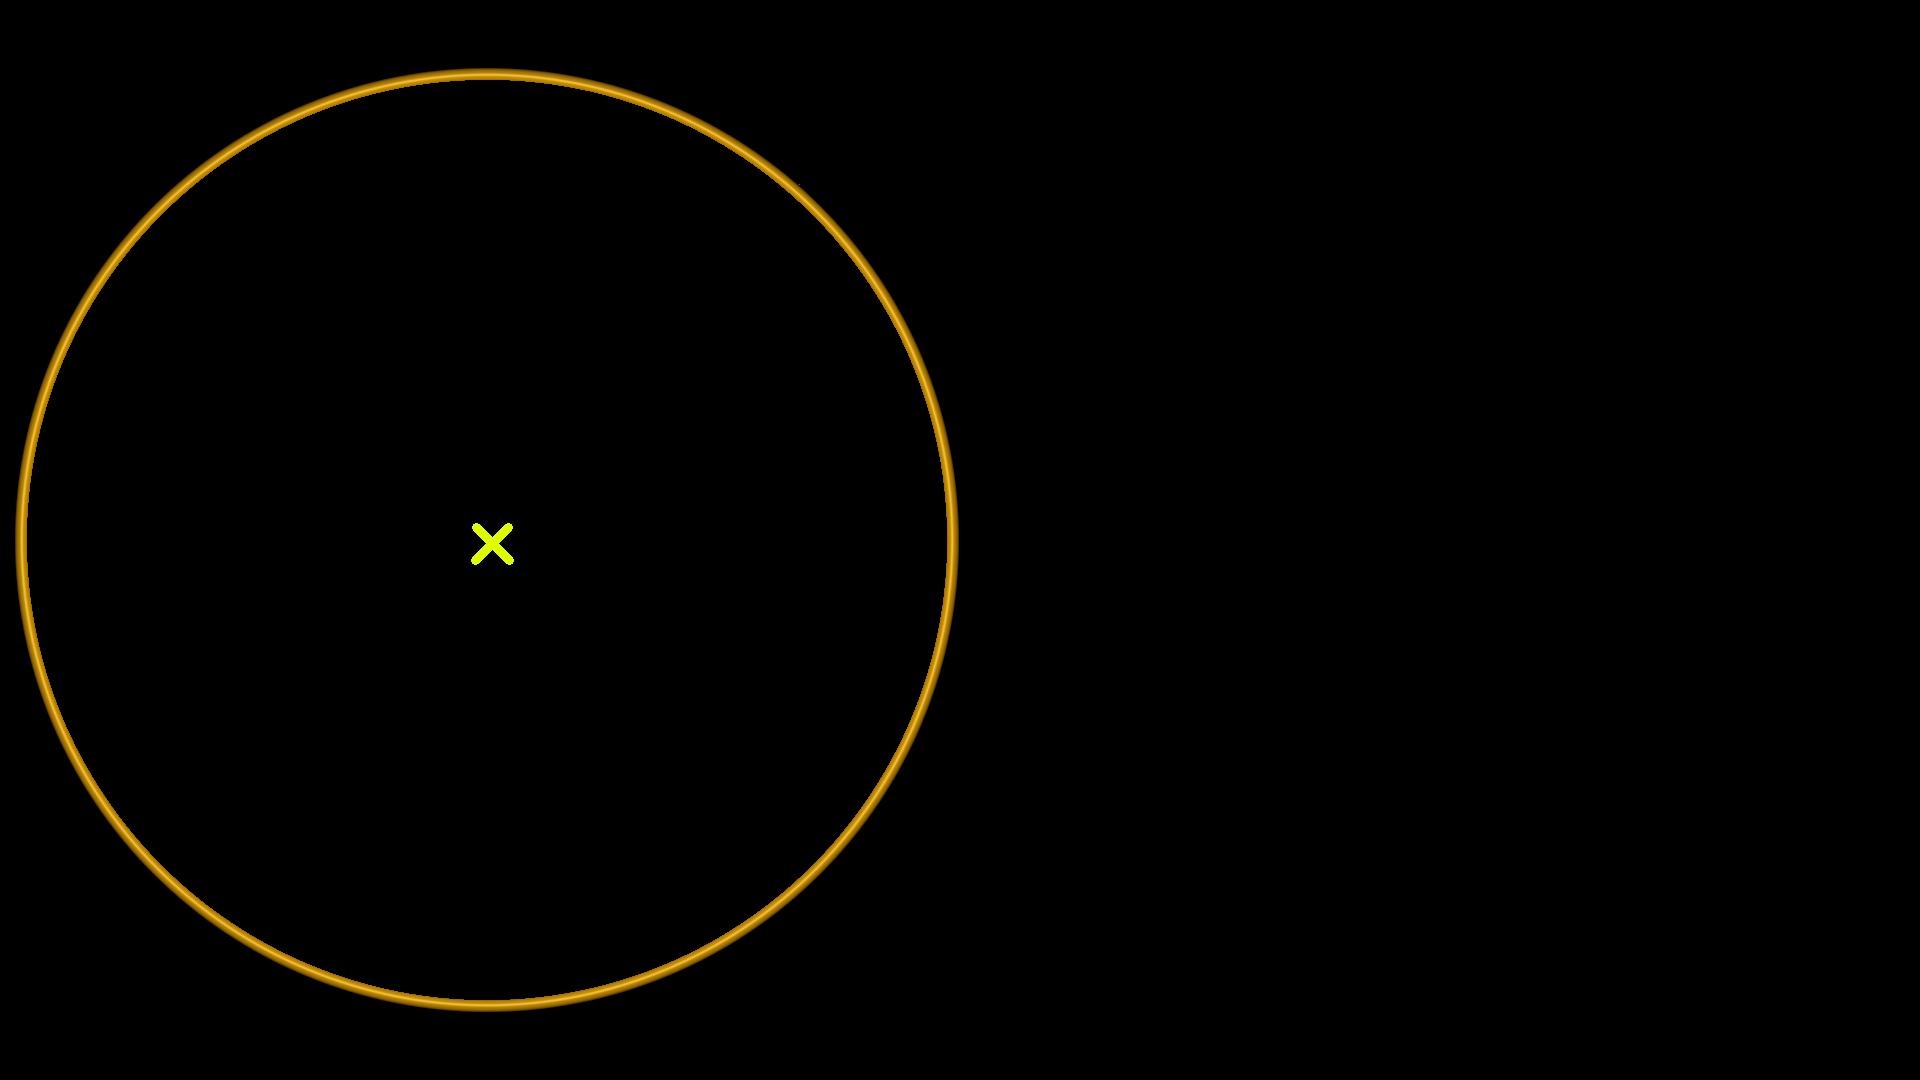 Ein einfacher Kreis